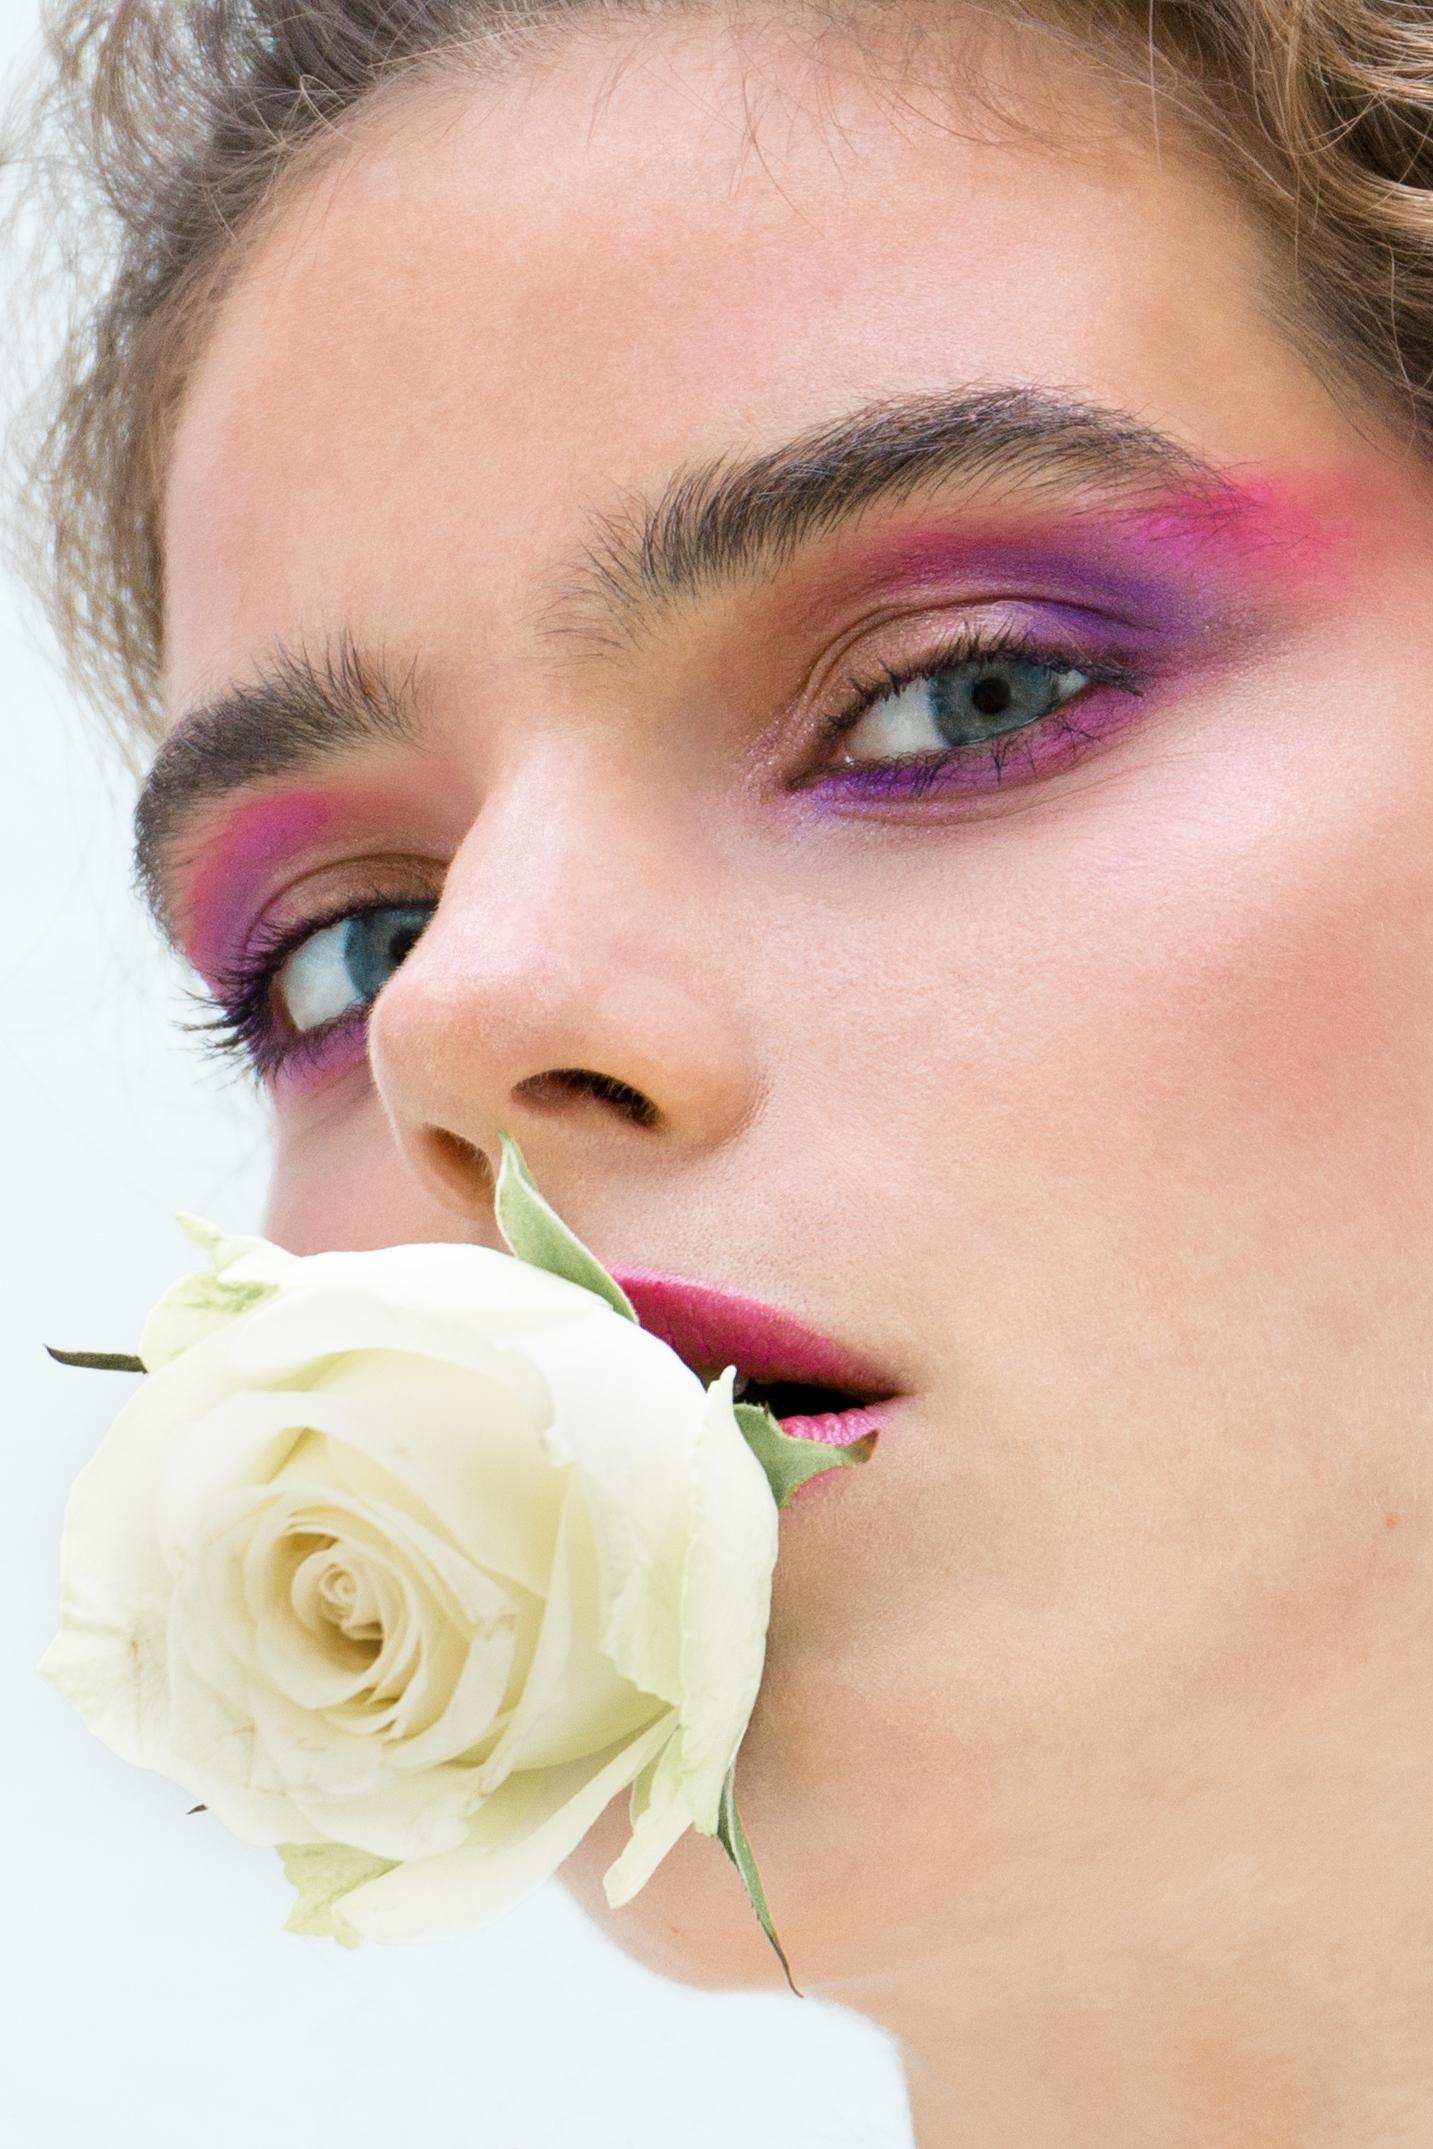 Senna @ VDM Models - Beauty photography by Alexandra Huijgens